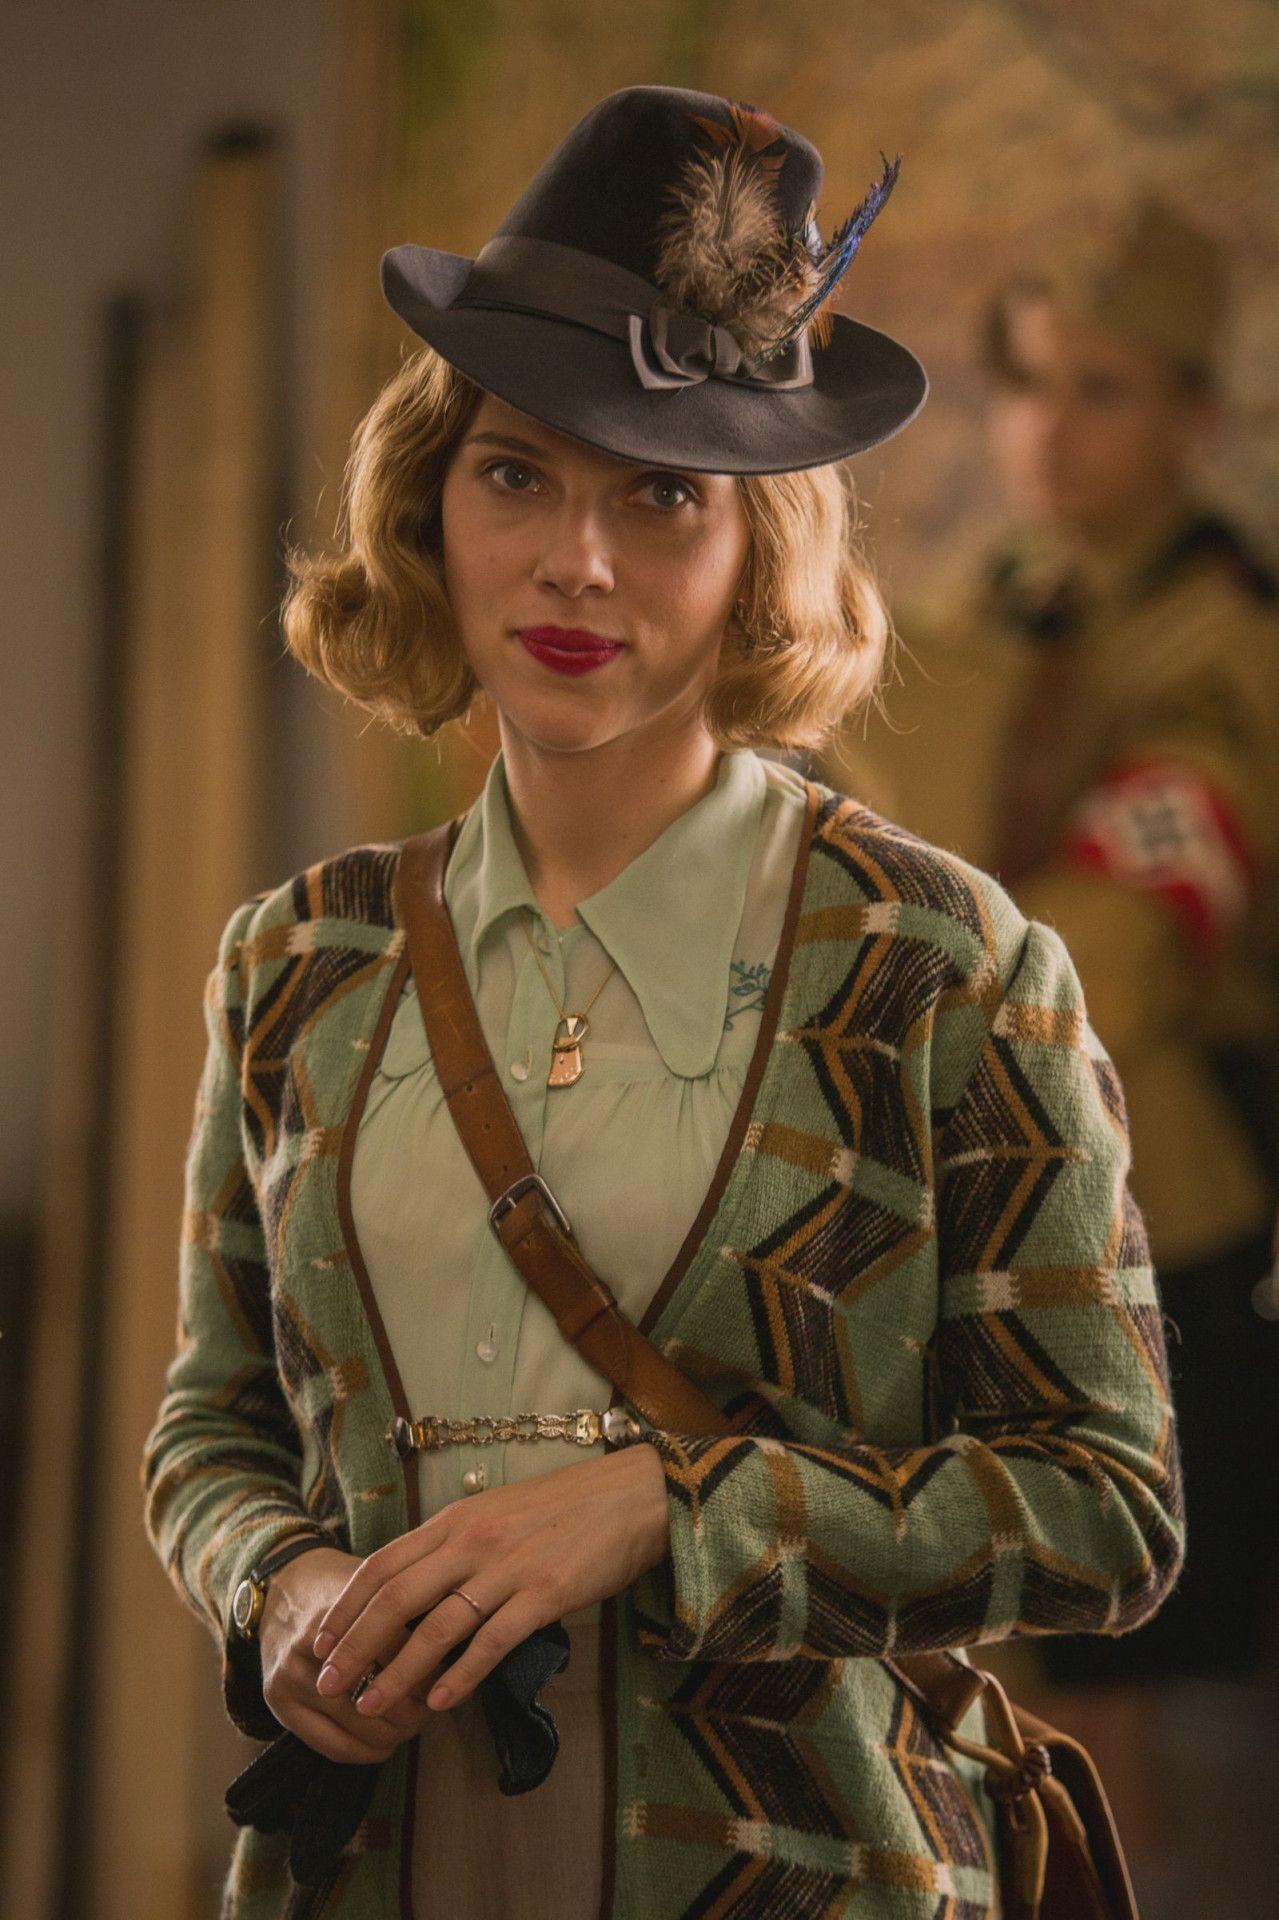 Jojos Mutter Rosie (Scarlett Johansson) ist überzeugte Kommunistin.